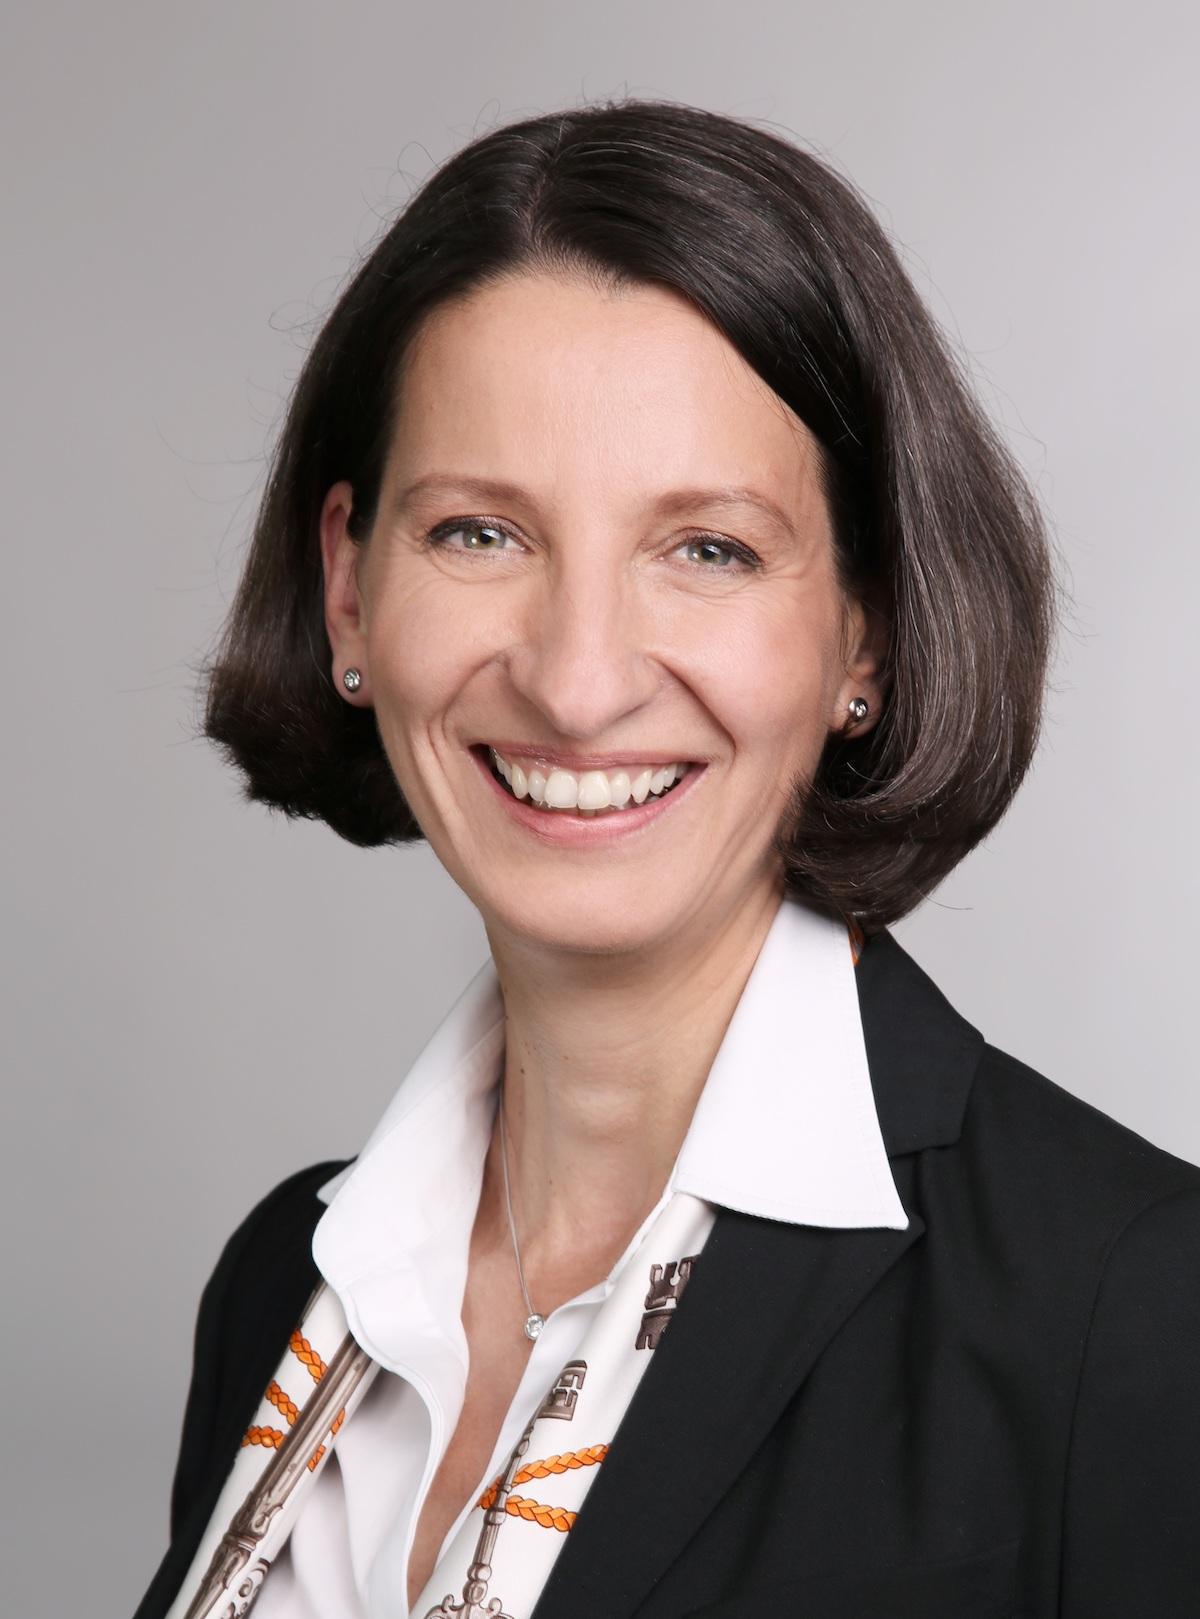 Bild von Sarah Rössler, Mitglied Vorstands der HUK-COBURG Versicherungsgruppe (Bild: HUK)